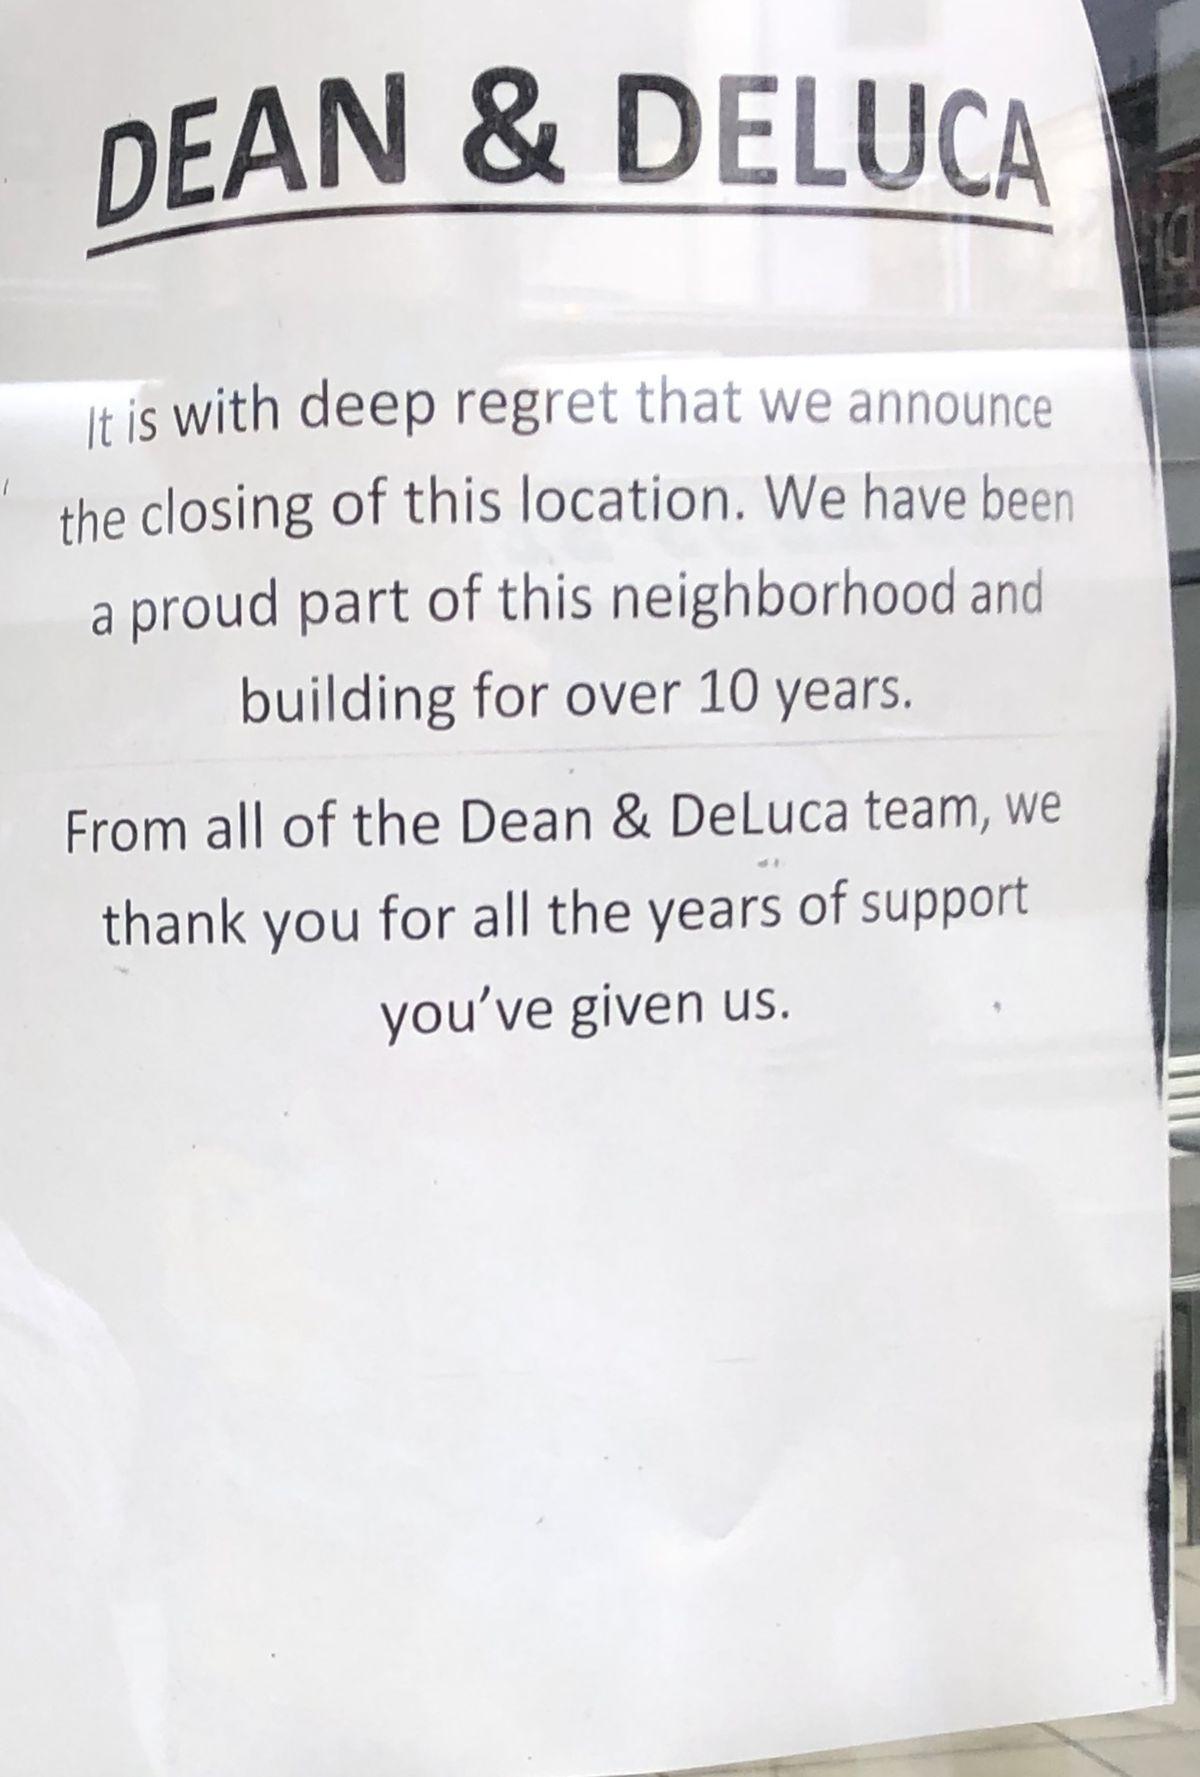 A sign announcing Dean & DeLuca's closure